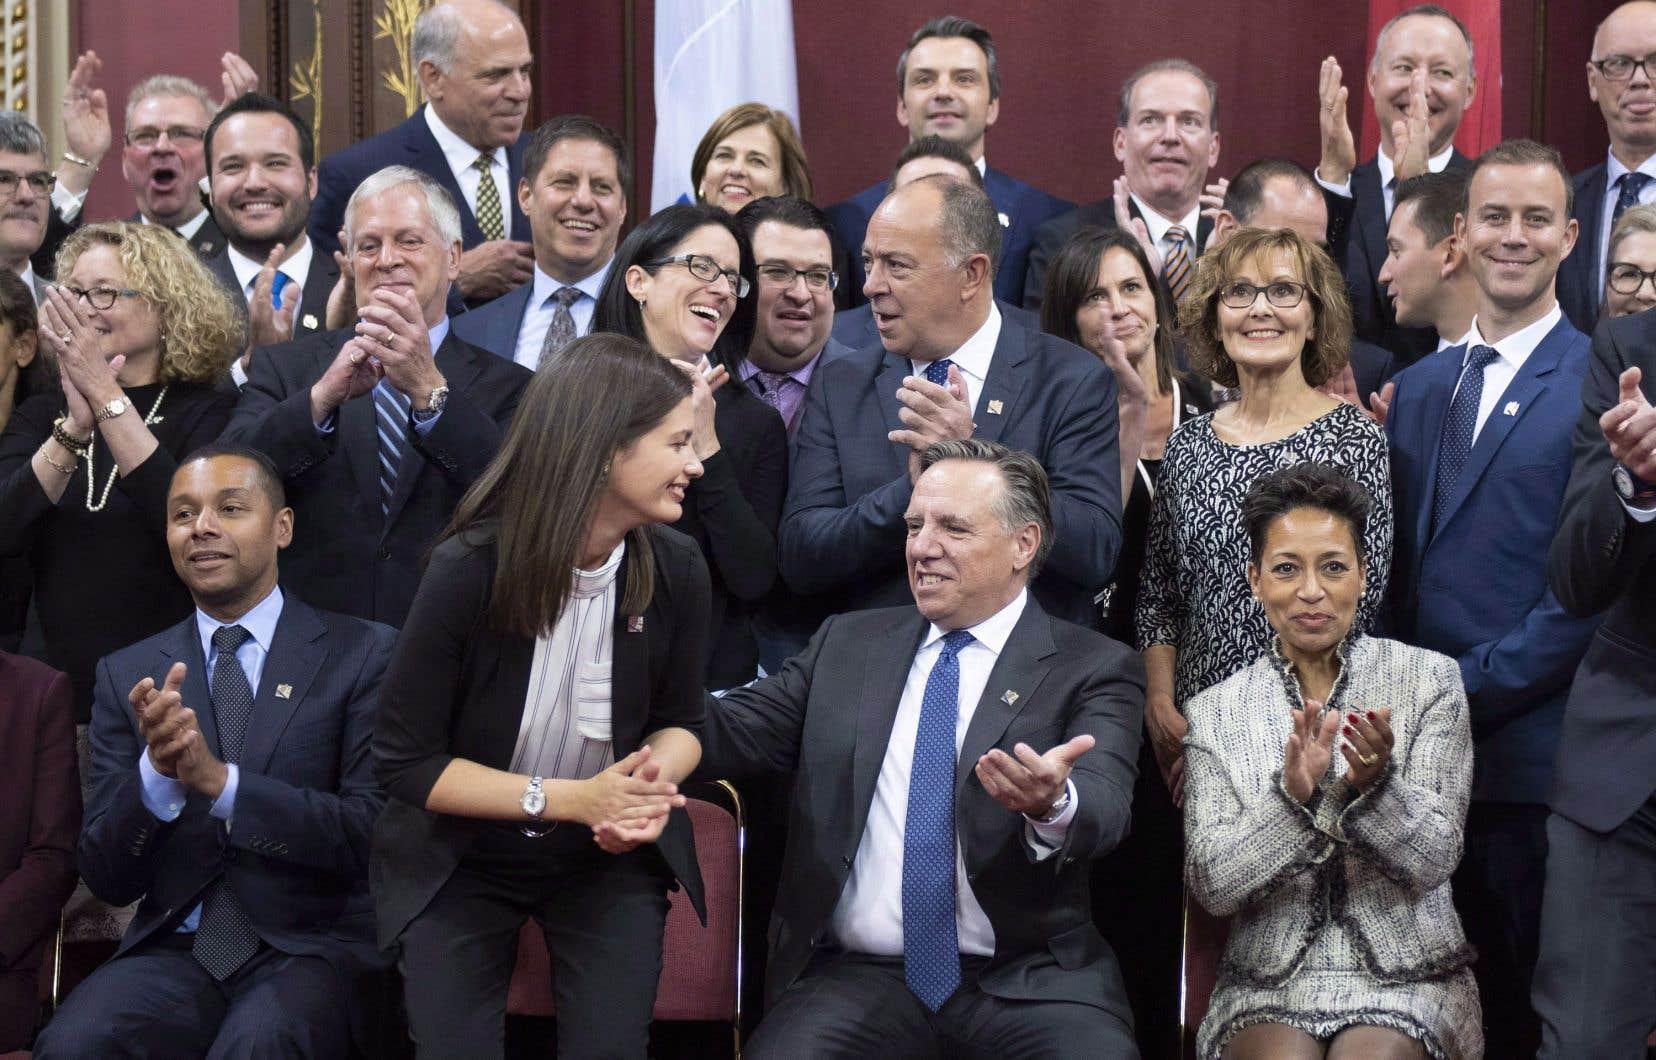 Lorsque le premier ministre Legault a fait l'annonce de la composition de son Conseil des ministres, il n'a pas manqué de souligner que celui-ci est paritaire.